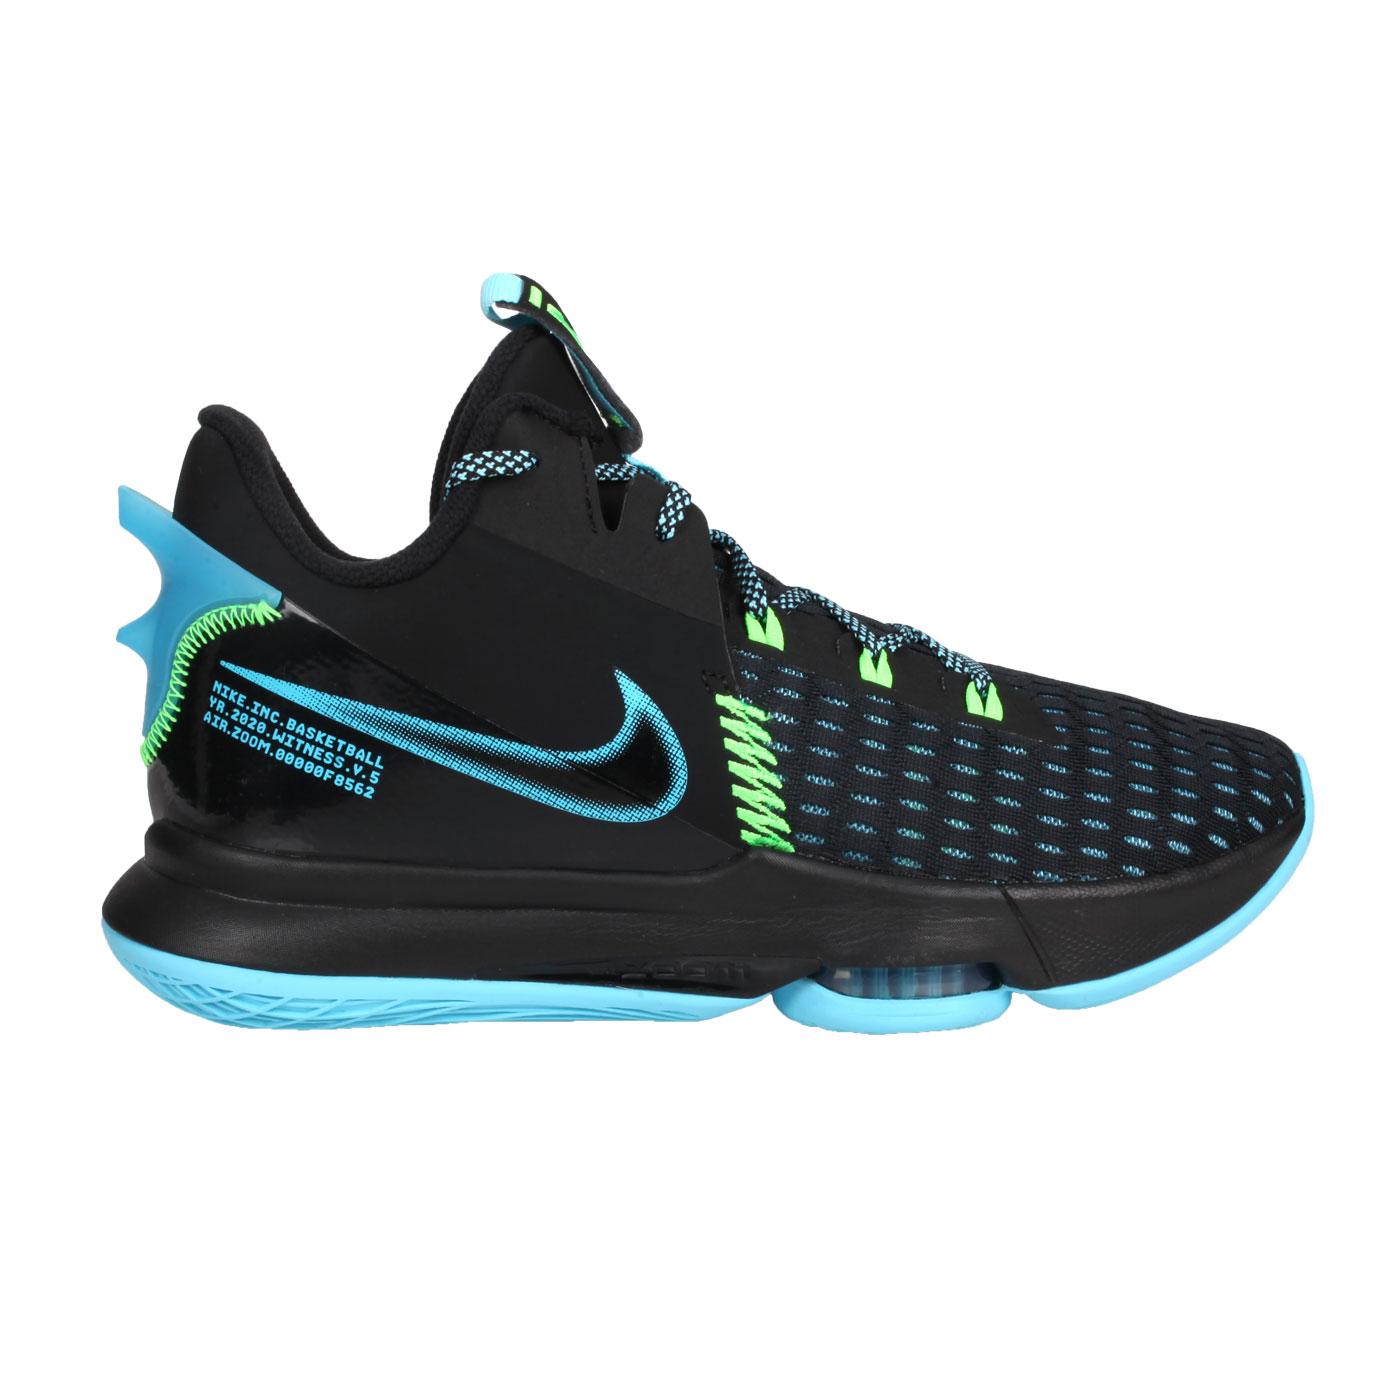 NIKE 男款籃球鞋  @LEBRON WITNESS V EP@CQ9381004 - 黑藍螢光綠